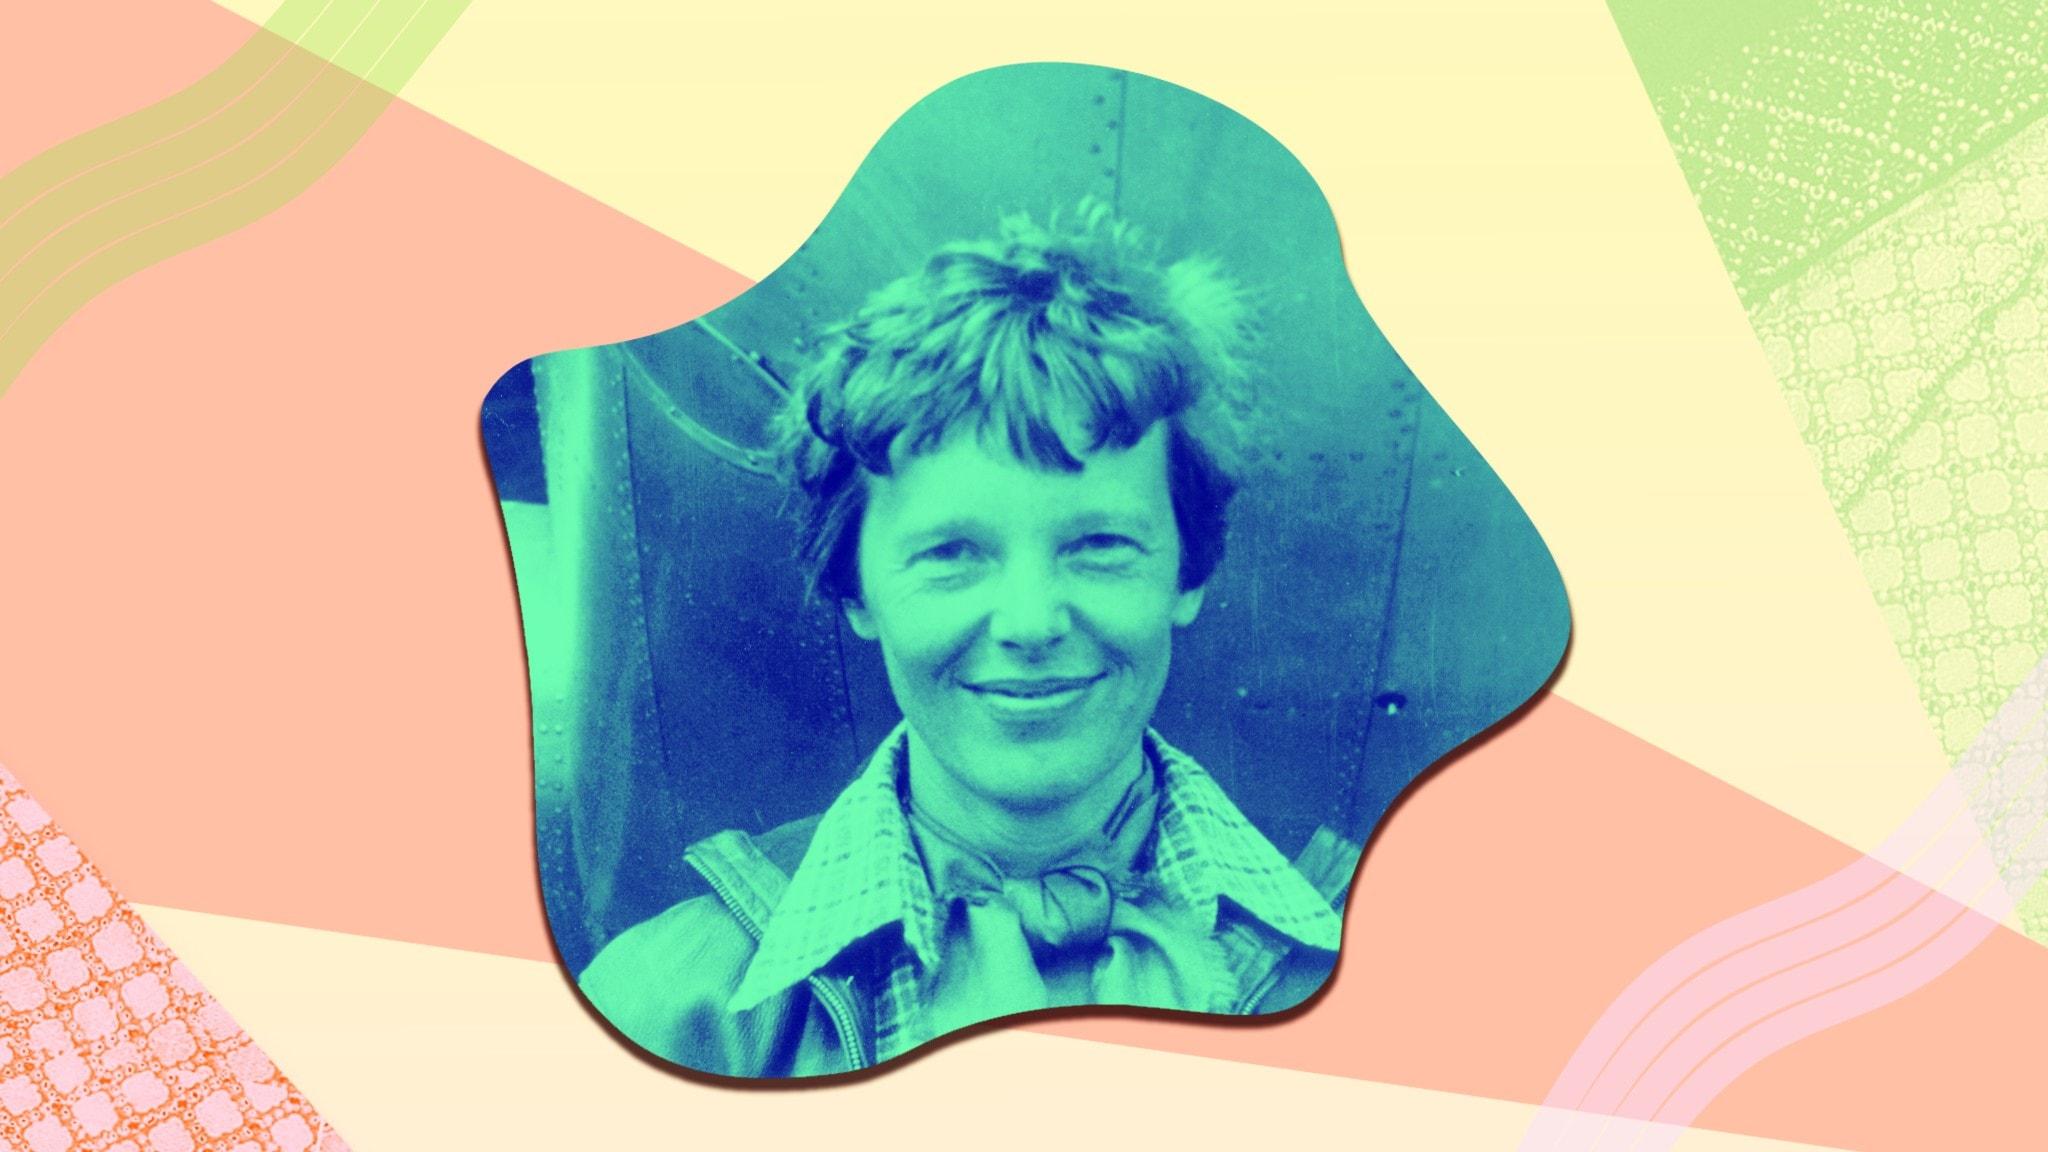 Bild av Amelia Earhart i P3 Historias färger.